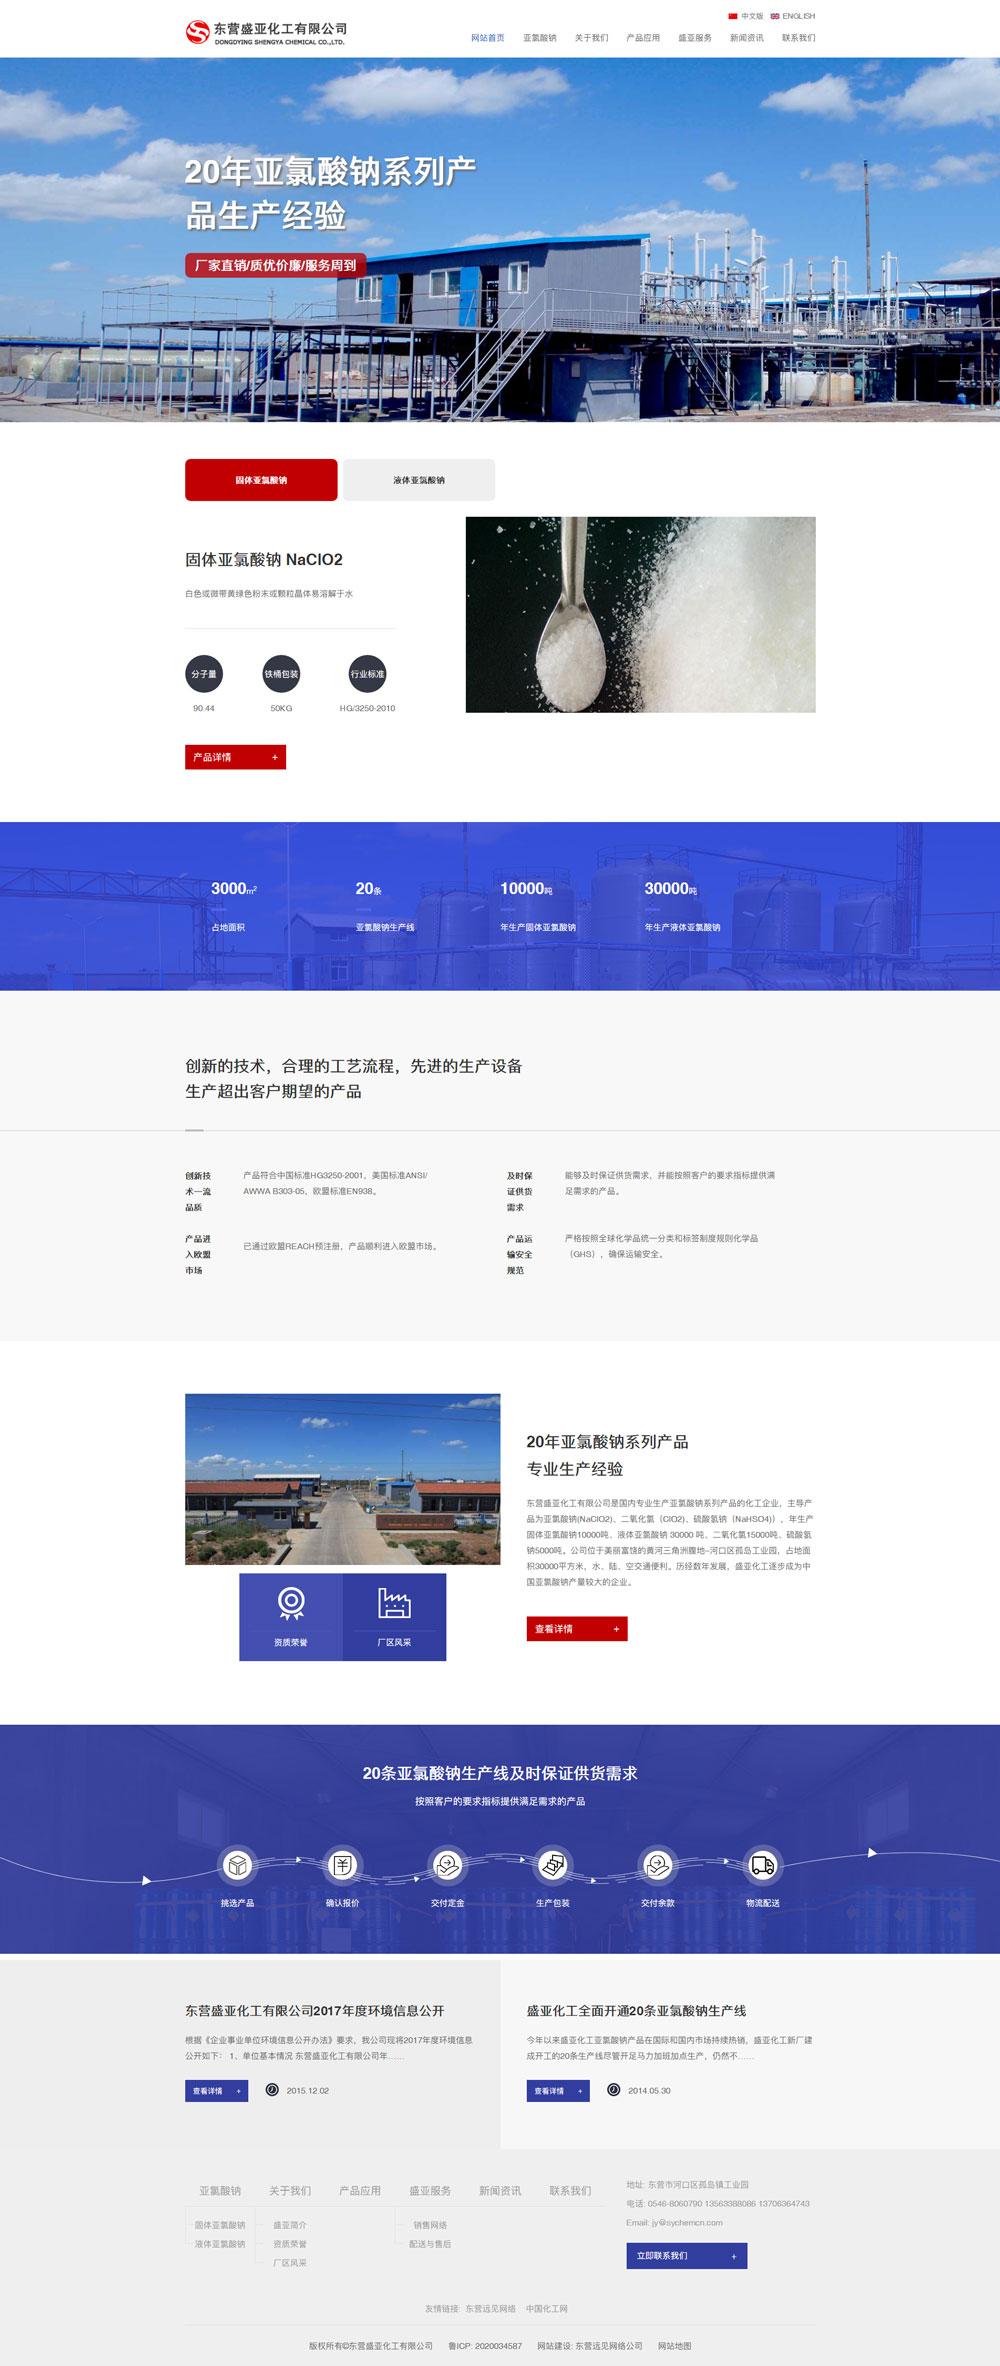 东营盛亚化工有限公司网站制作完成